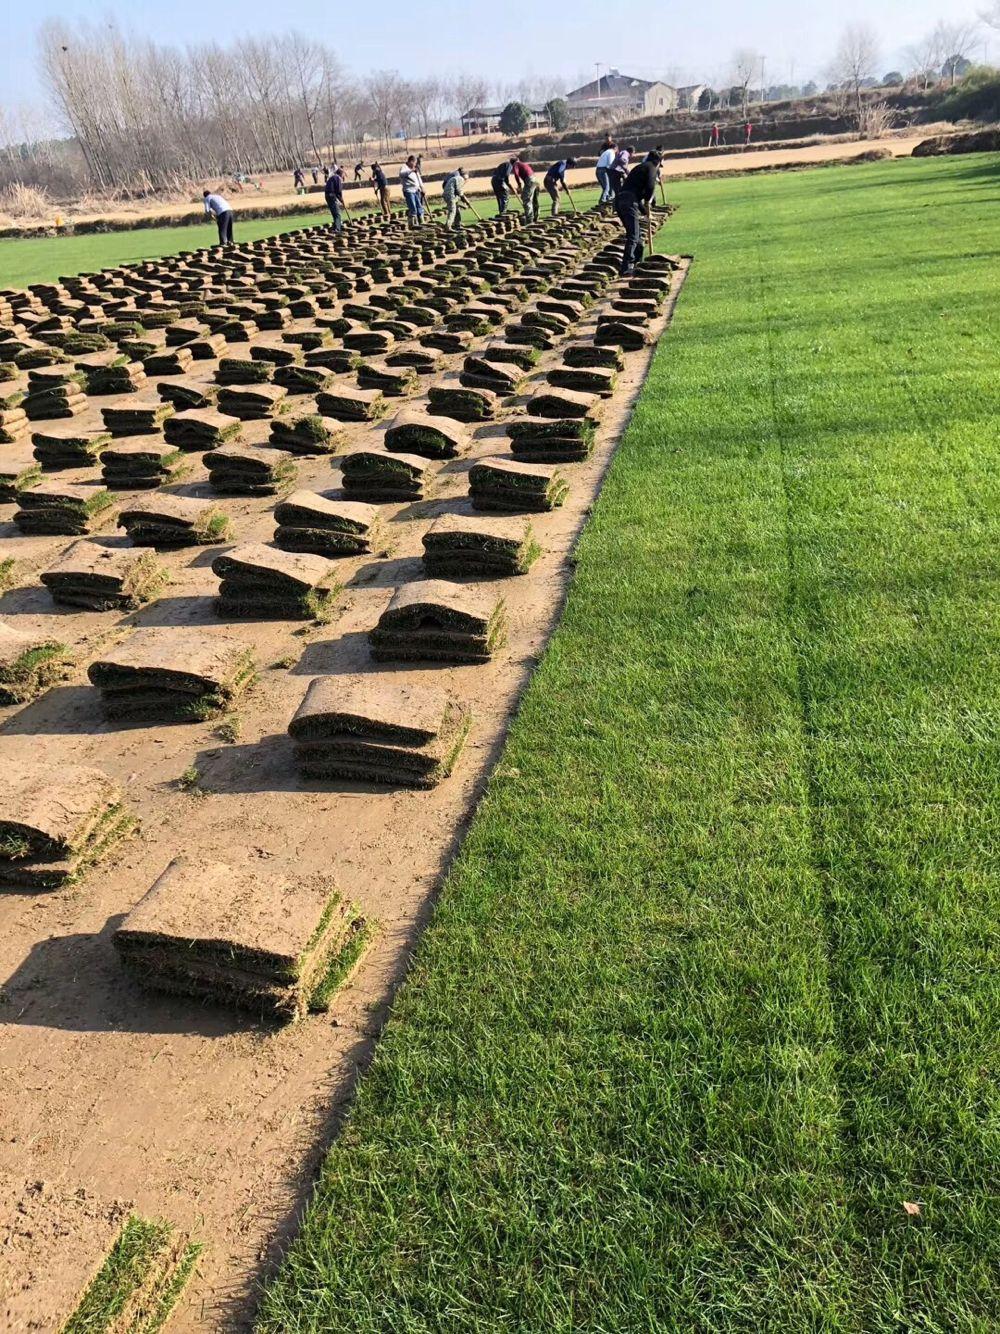 江苏马尼拉草坪采购_质量好草坪批发-句容市后白镇绿叶青草坪种植基地